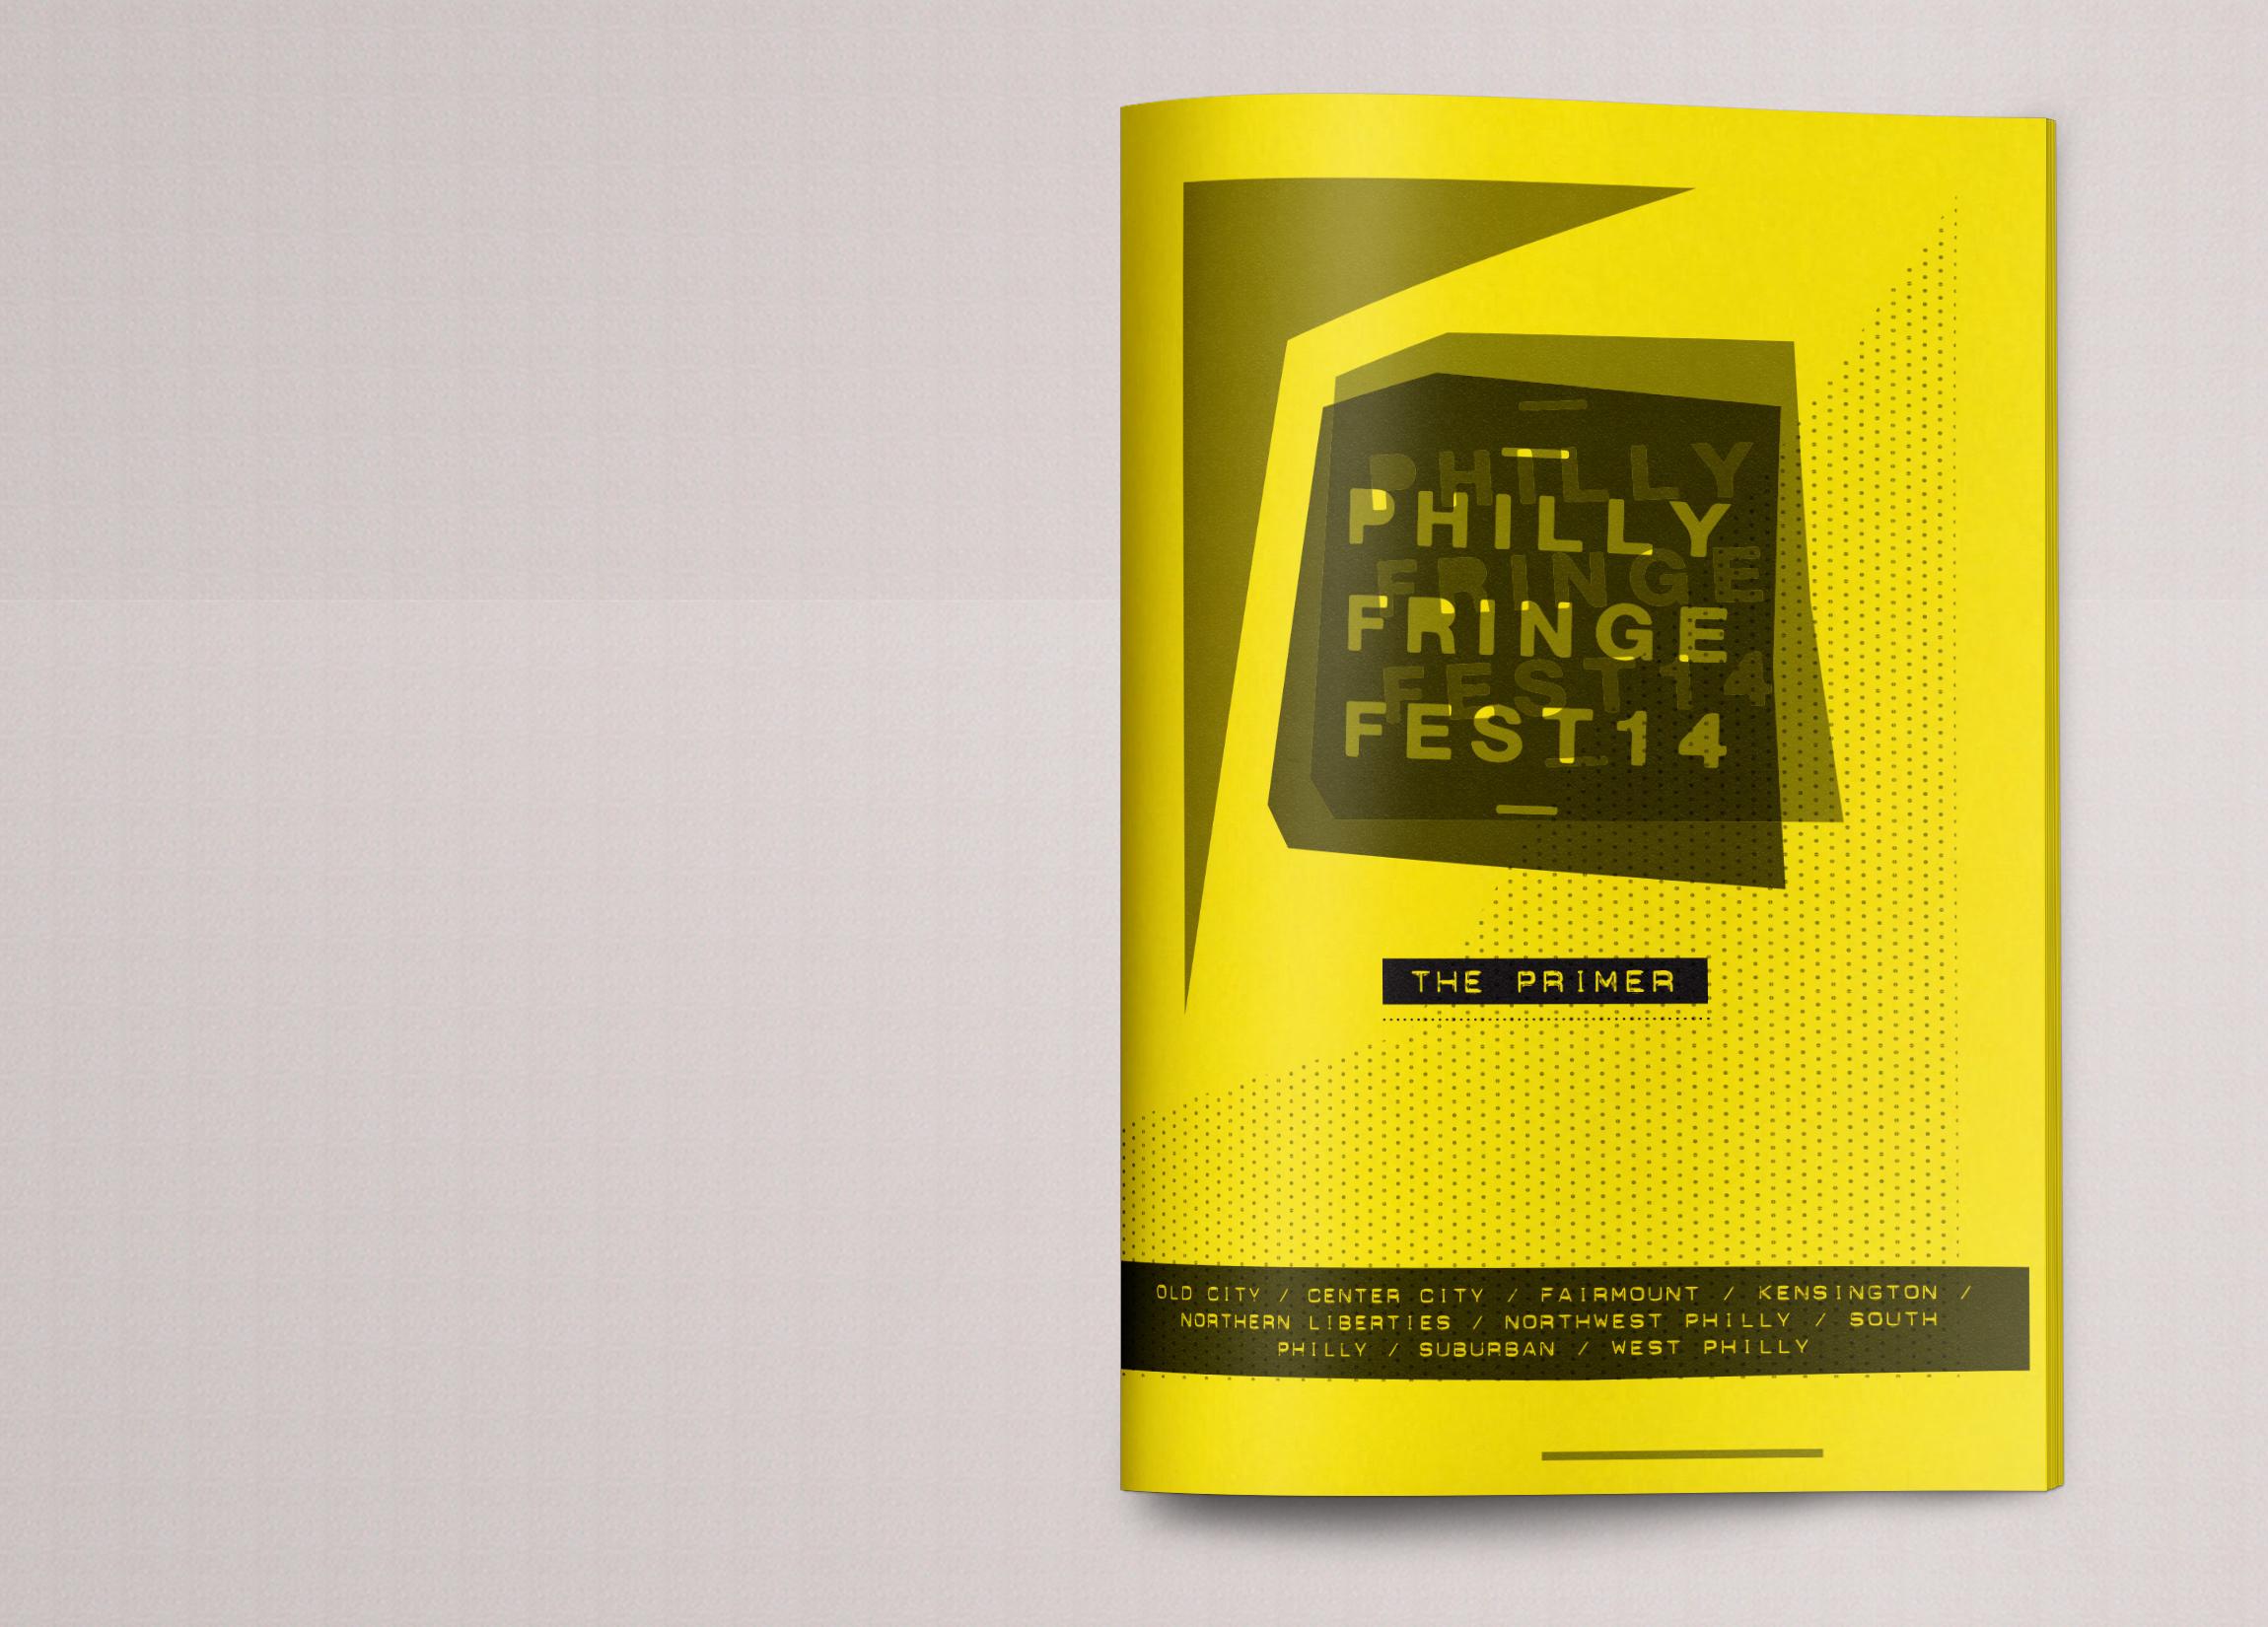 Philly Fringe_Photorealistic Magazine MockUp_cover.jpg